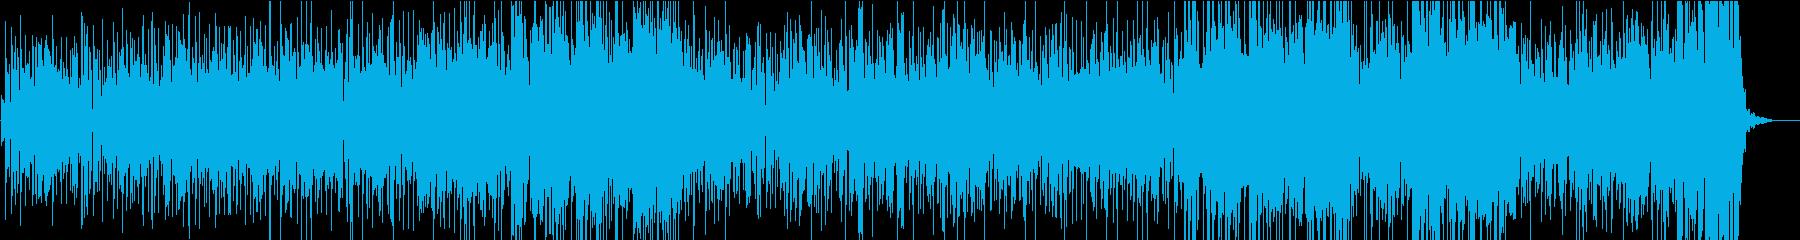 陽気でキャッチーなフュージョンサウンドの再生済みの波形